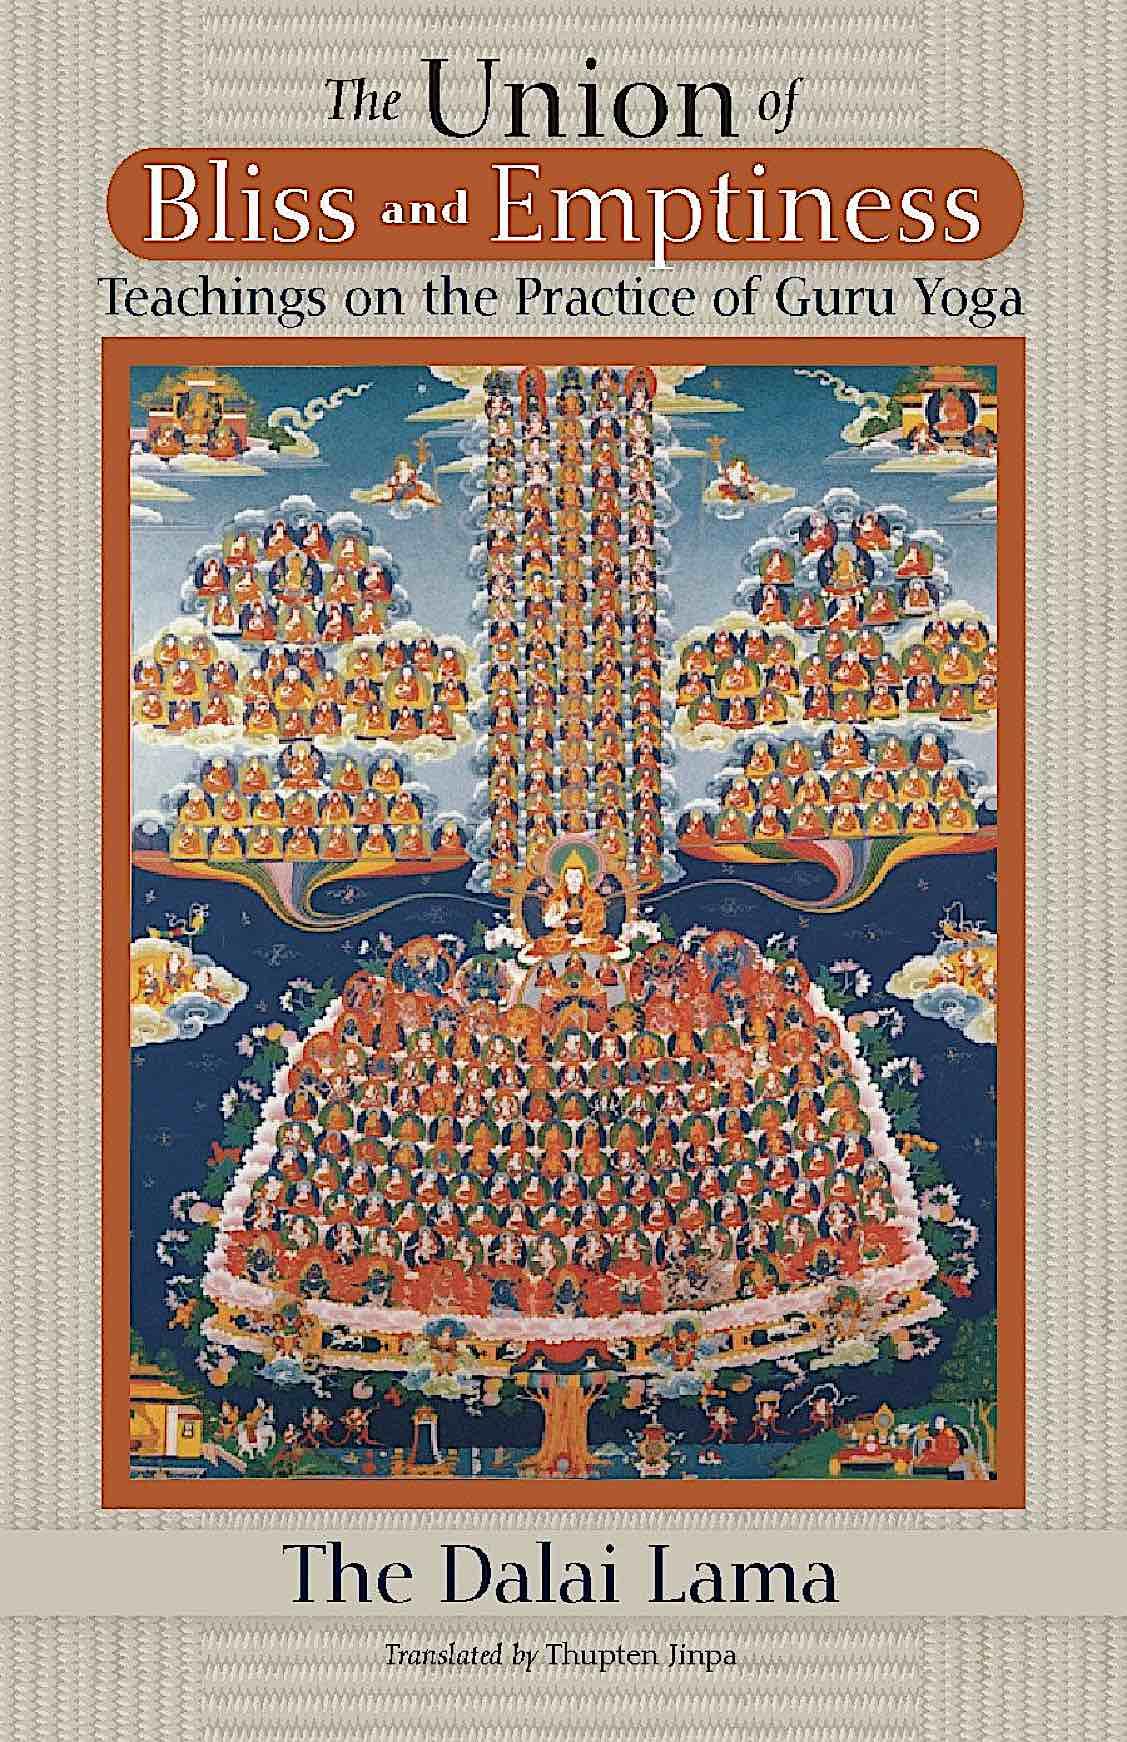 Buddha Weekly The Union of Bliss and Emptiness Dalai Lama Buddhism